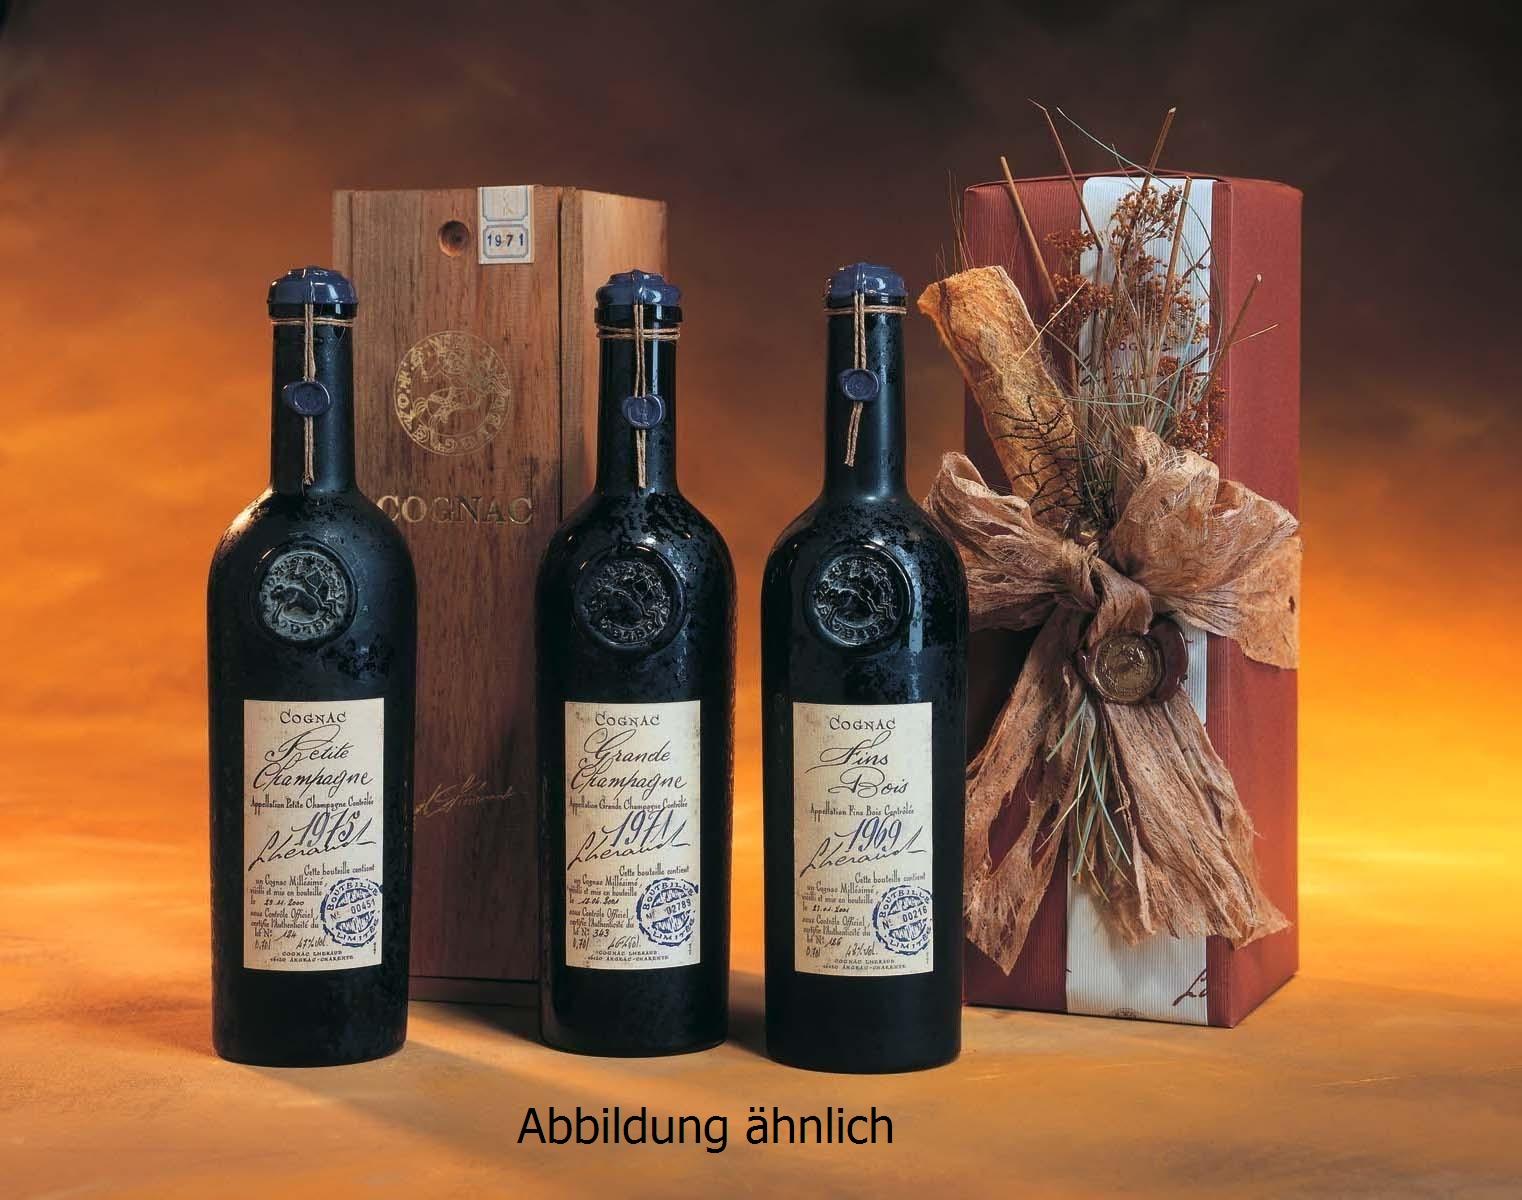 Cognac 1960 Lheraud